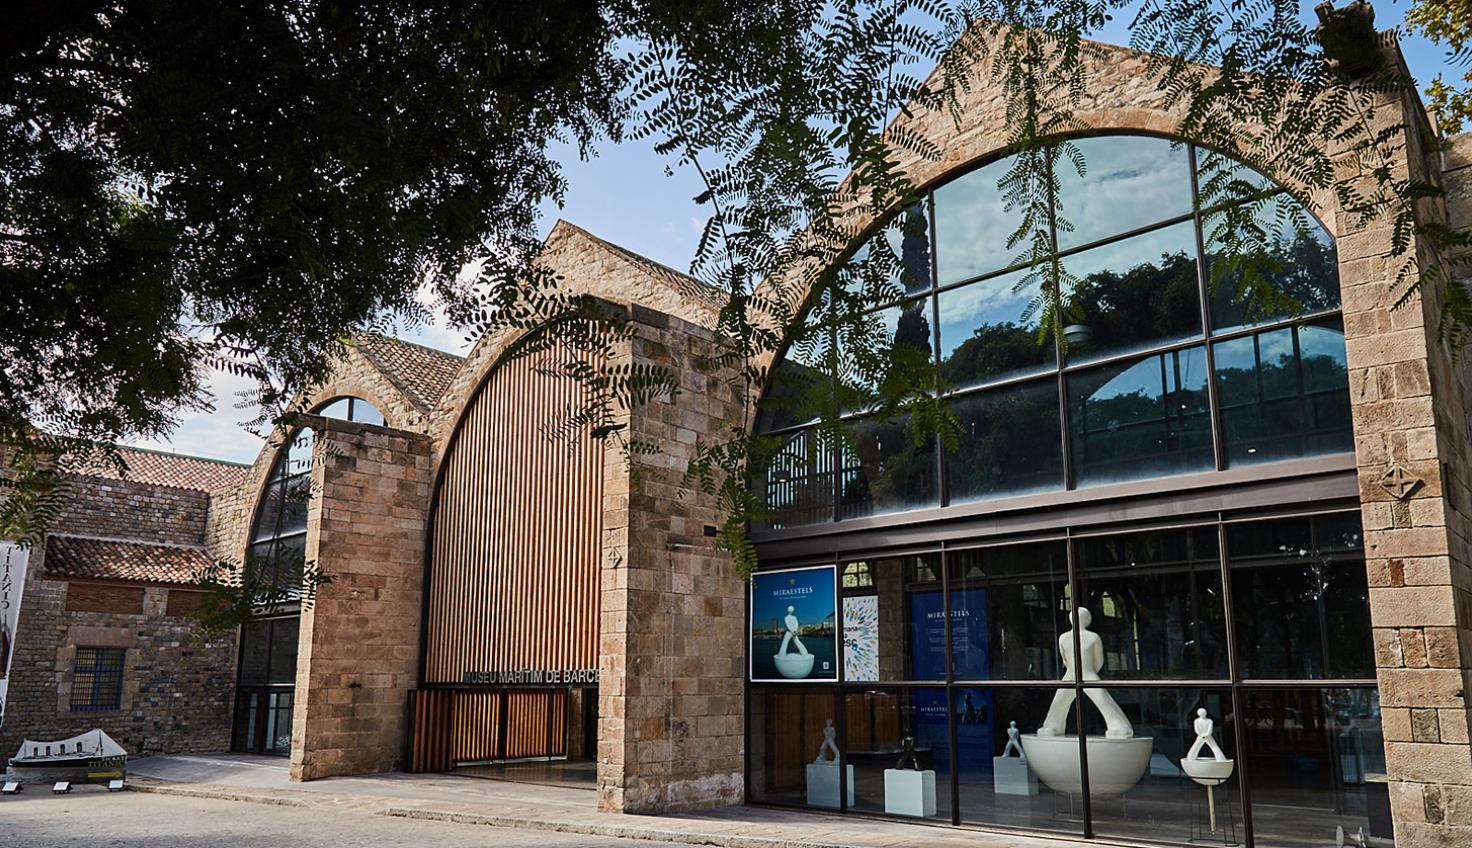 Foto Schifffahrtsmuseum Barcelona – Königliche Werft Les Drassanes